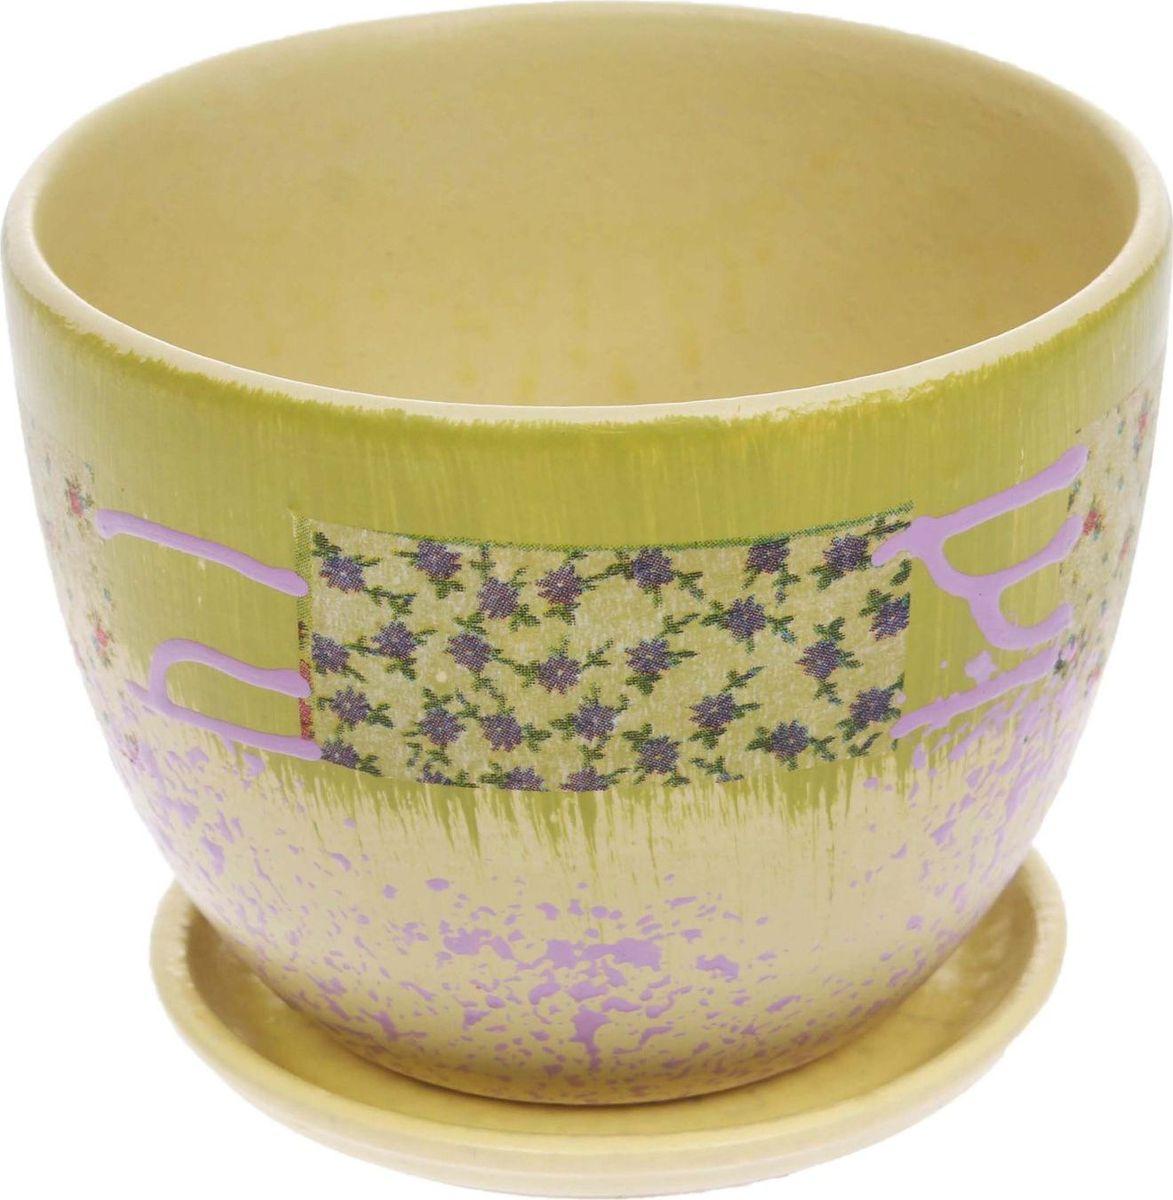 Кашпо Кантри, 0,6 л1186577Комнатные растения — всеобщие любимцы. Они радуют глаз, насыщают помещение кислородом и украшают пространство. Каждому из них необходим свой удобный и красивый дом. Кашпо из керамики прекрасно подходят для высадки растений: за счет пластичности глины и разных способов обработки существует великое множество форм и дизайнов пористый материал позволяет испаряться лишней влаге воздух, необходимый для дыхания корней, проникает сквозь керамические стенки! позаботится о зеленом питомце, освежит интерьер и подчеркнет его стиль.